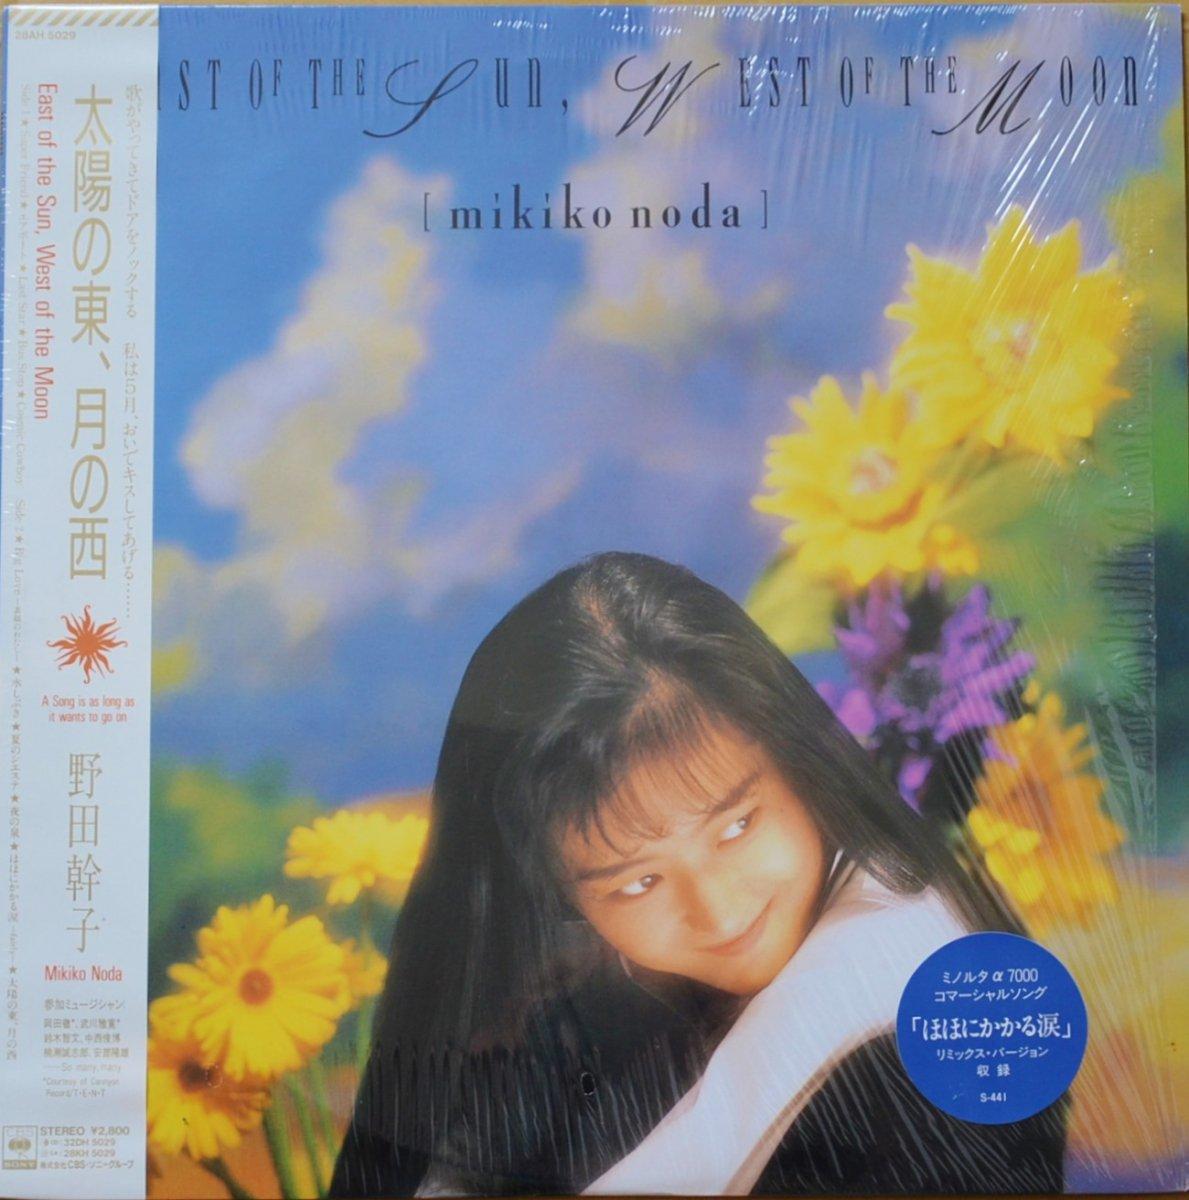 野田幹子 MIKIKO NODA / 太陽の東、月の西 EAST OF THE SUN, WEST OF THE MOON (LP)